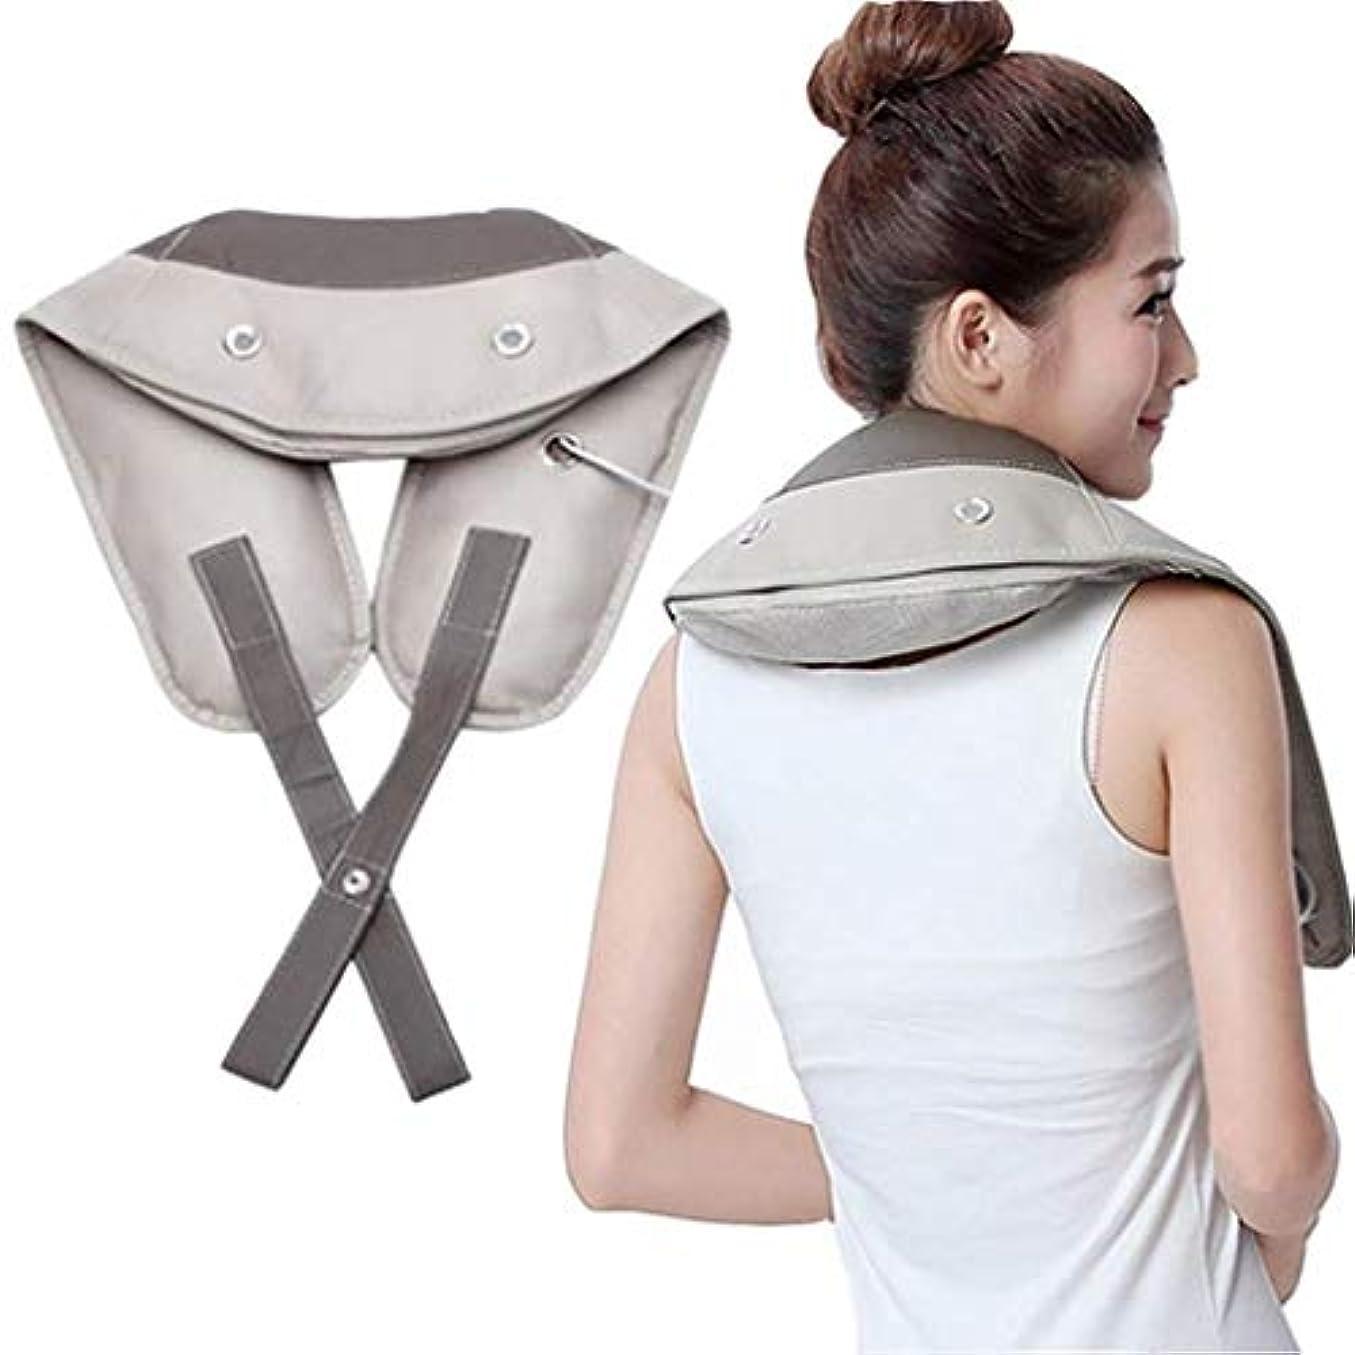 メタン呼吸接続ネックマッサージャー、ショルダー&レッグマッサージャー、ディープティシューマッサージャー、8つの強み、32のユニークなリズムマッサージ